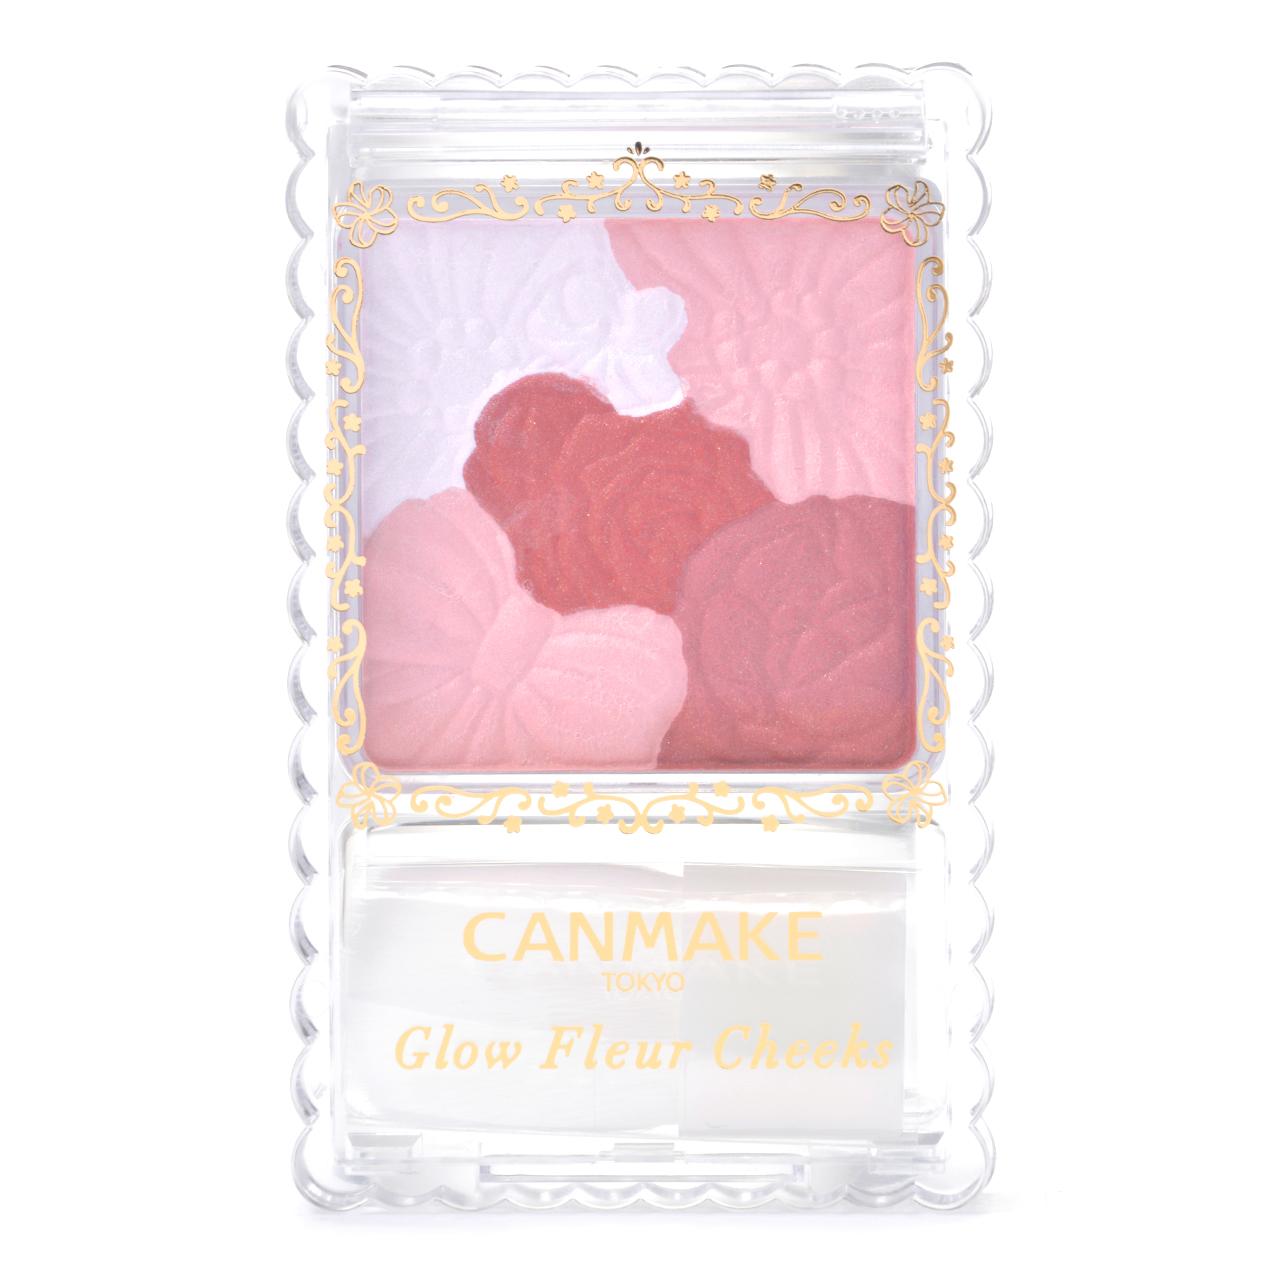 Không phải canmake glow fleur cheeks 01 hay 02 mà phấn má canmake glow fleur cheeks 09 burgundy mới là màu hot nhất